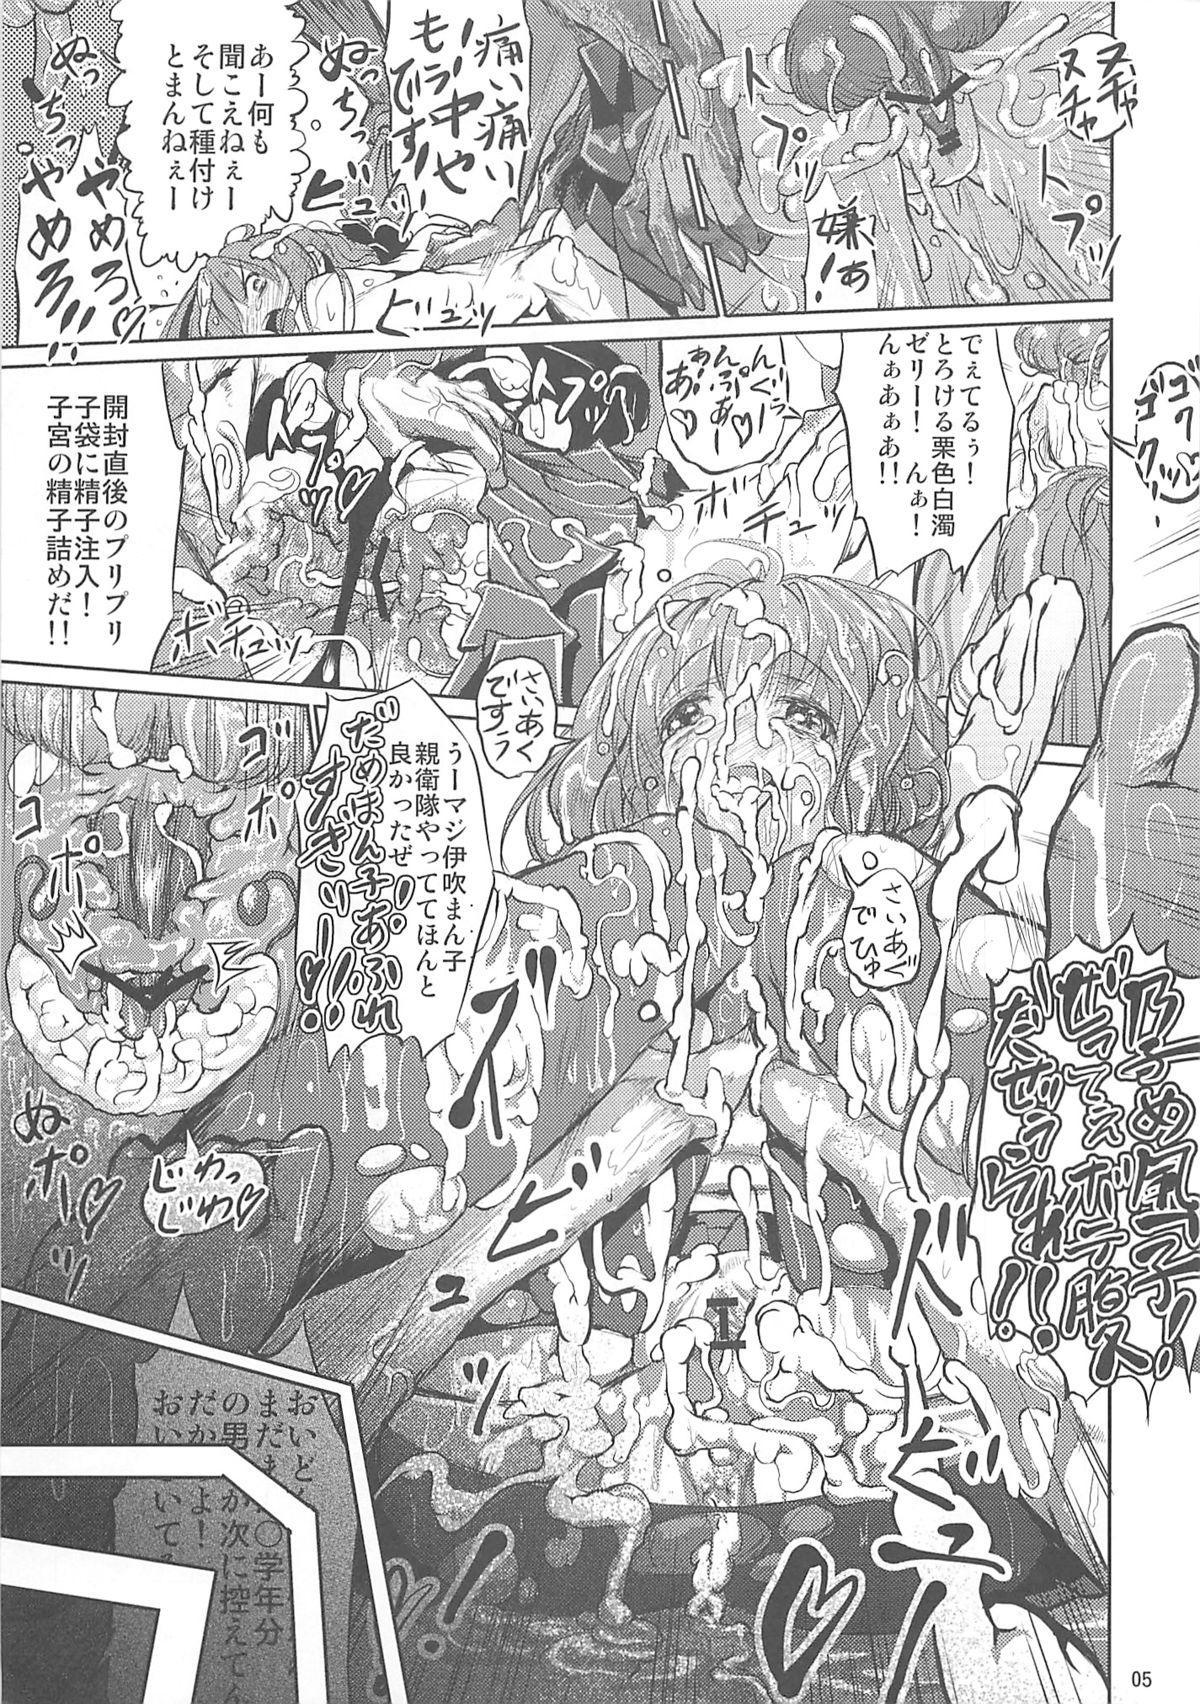 Ashi no Kirei na T-san wa Shimari ga Ii 4